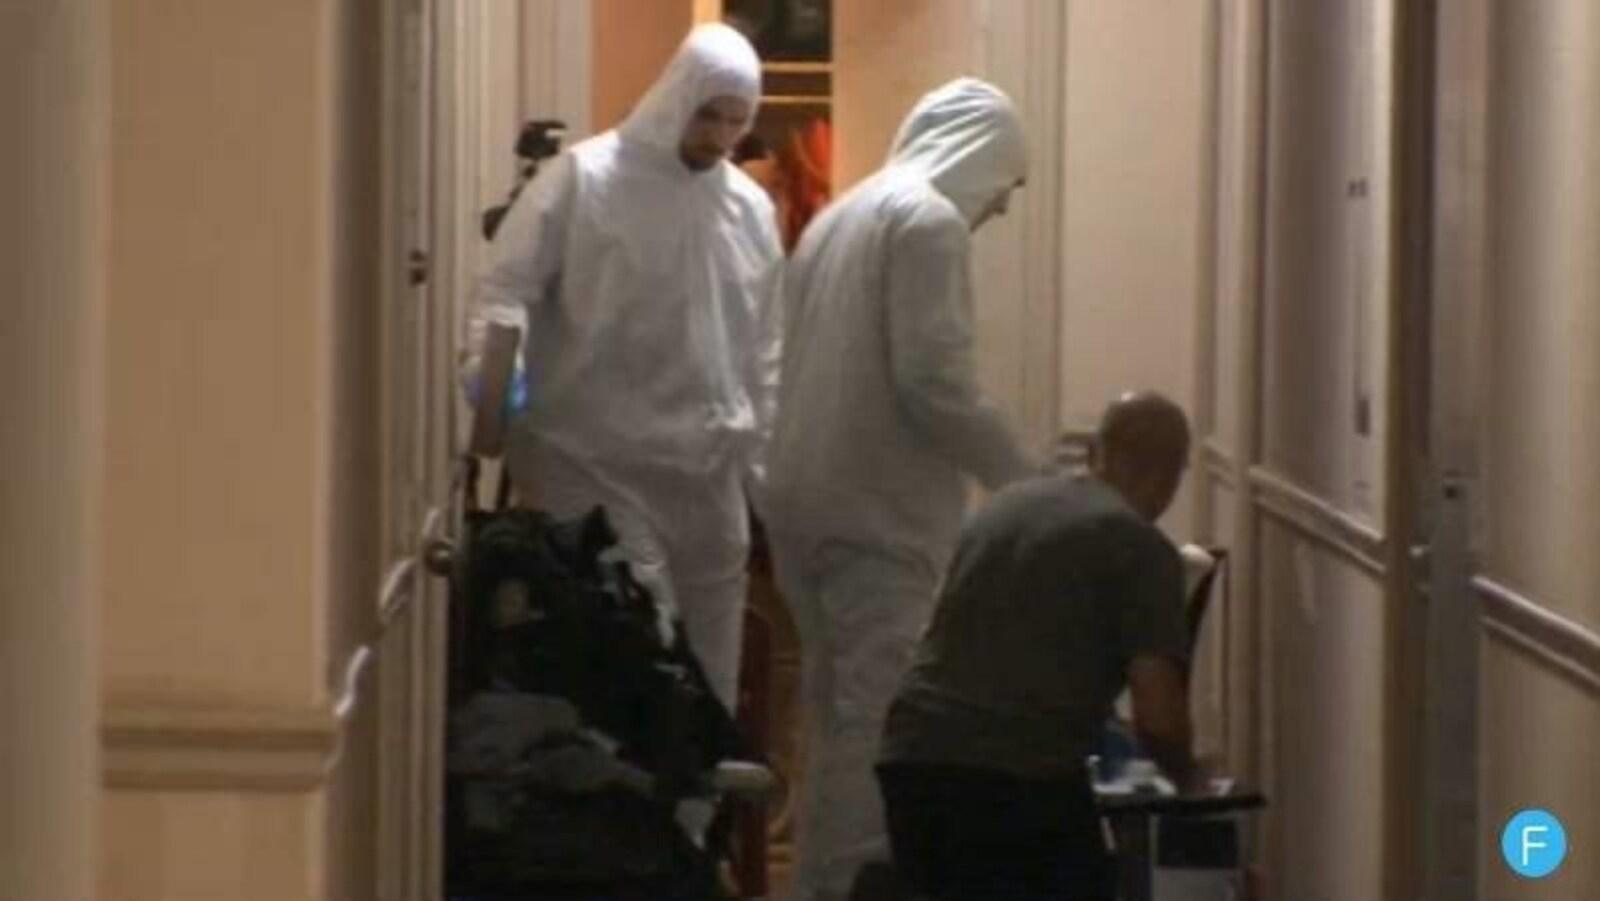 Des policiers près de la porte d'entrée d'un appartement